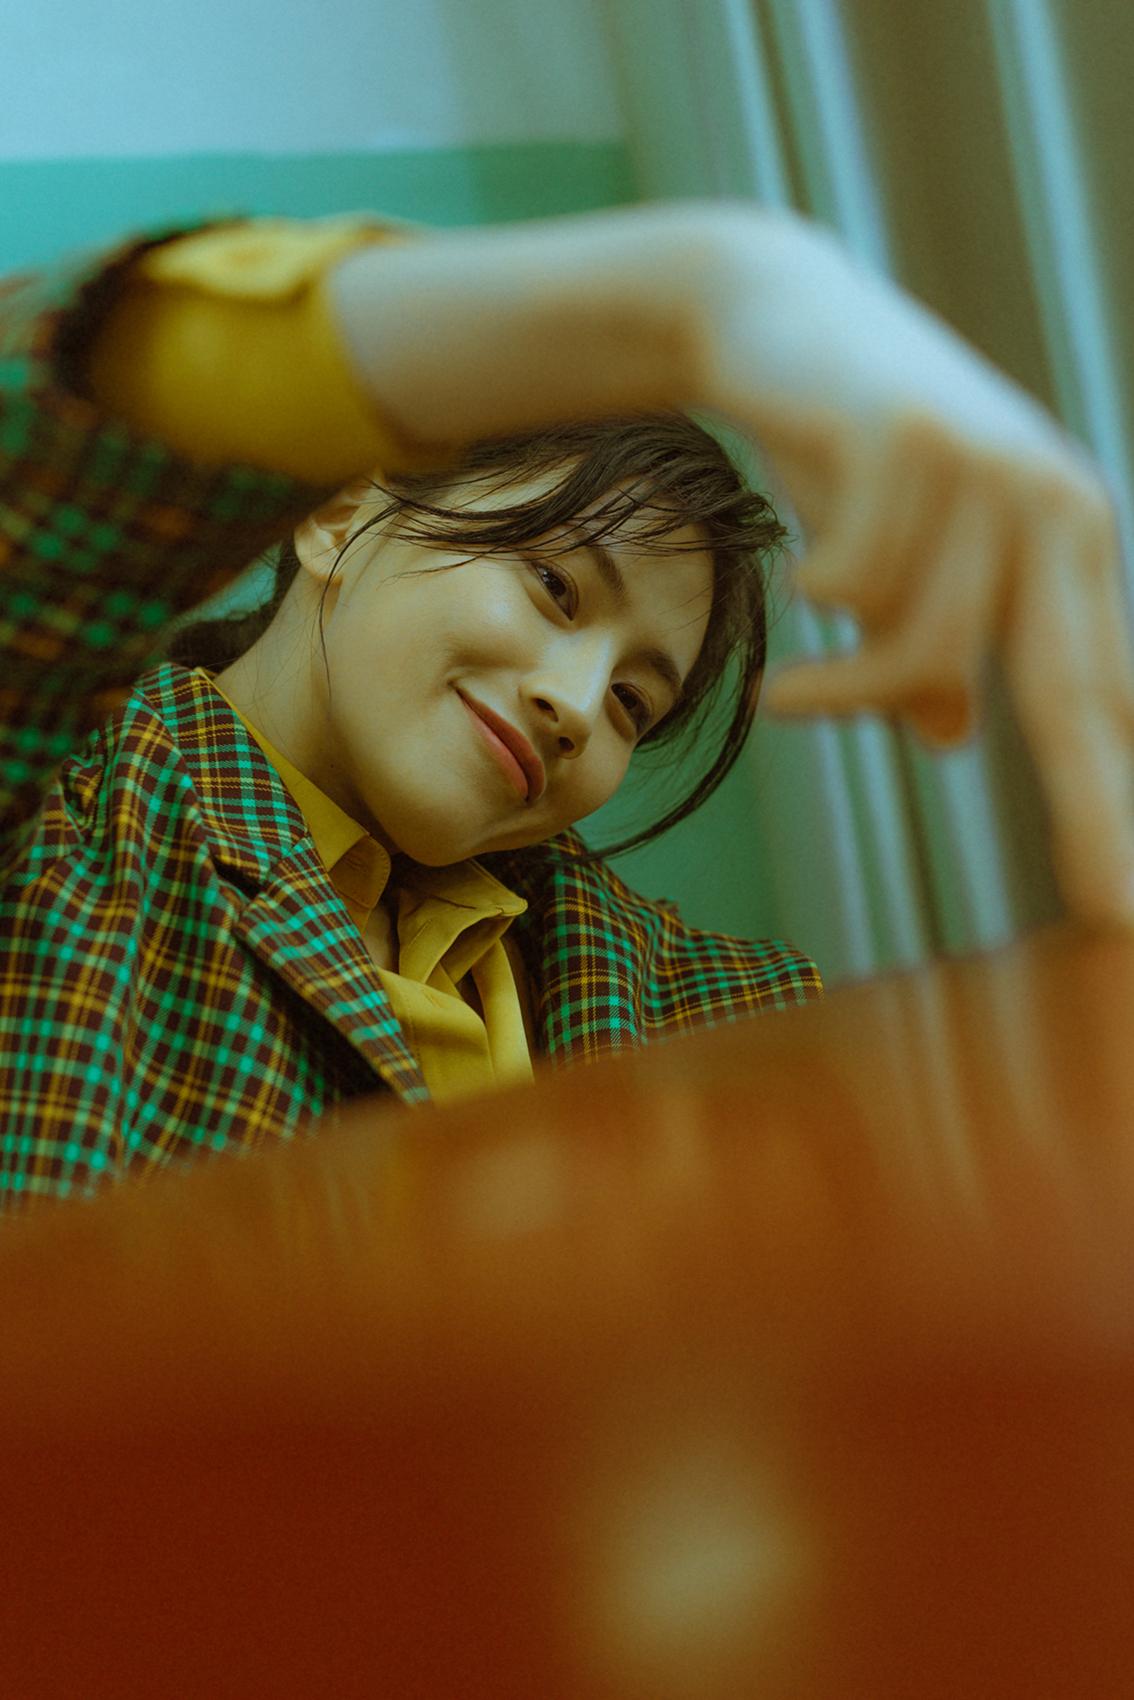 杨小兰最新秋季大片曝光 率性西装演绎校园不羁女孩